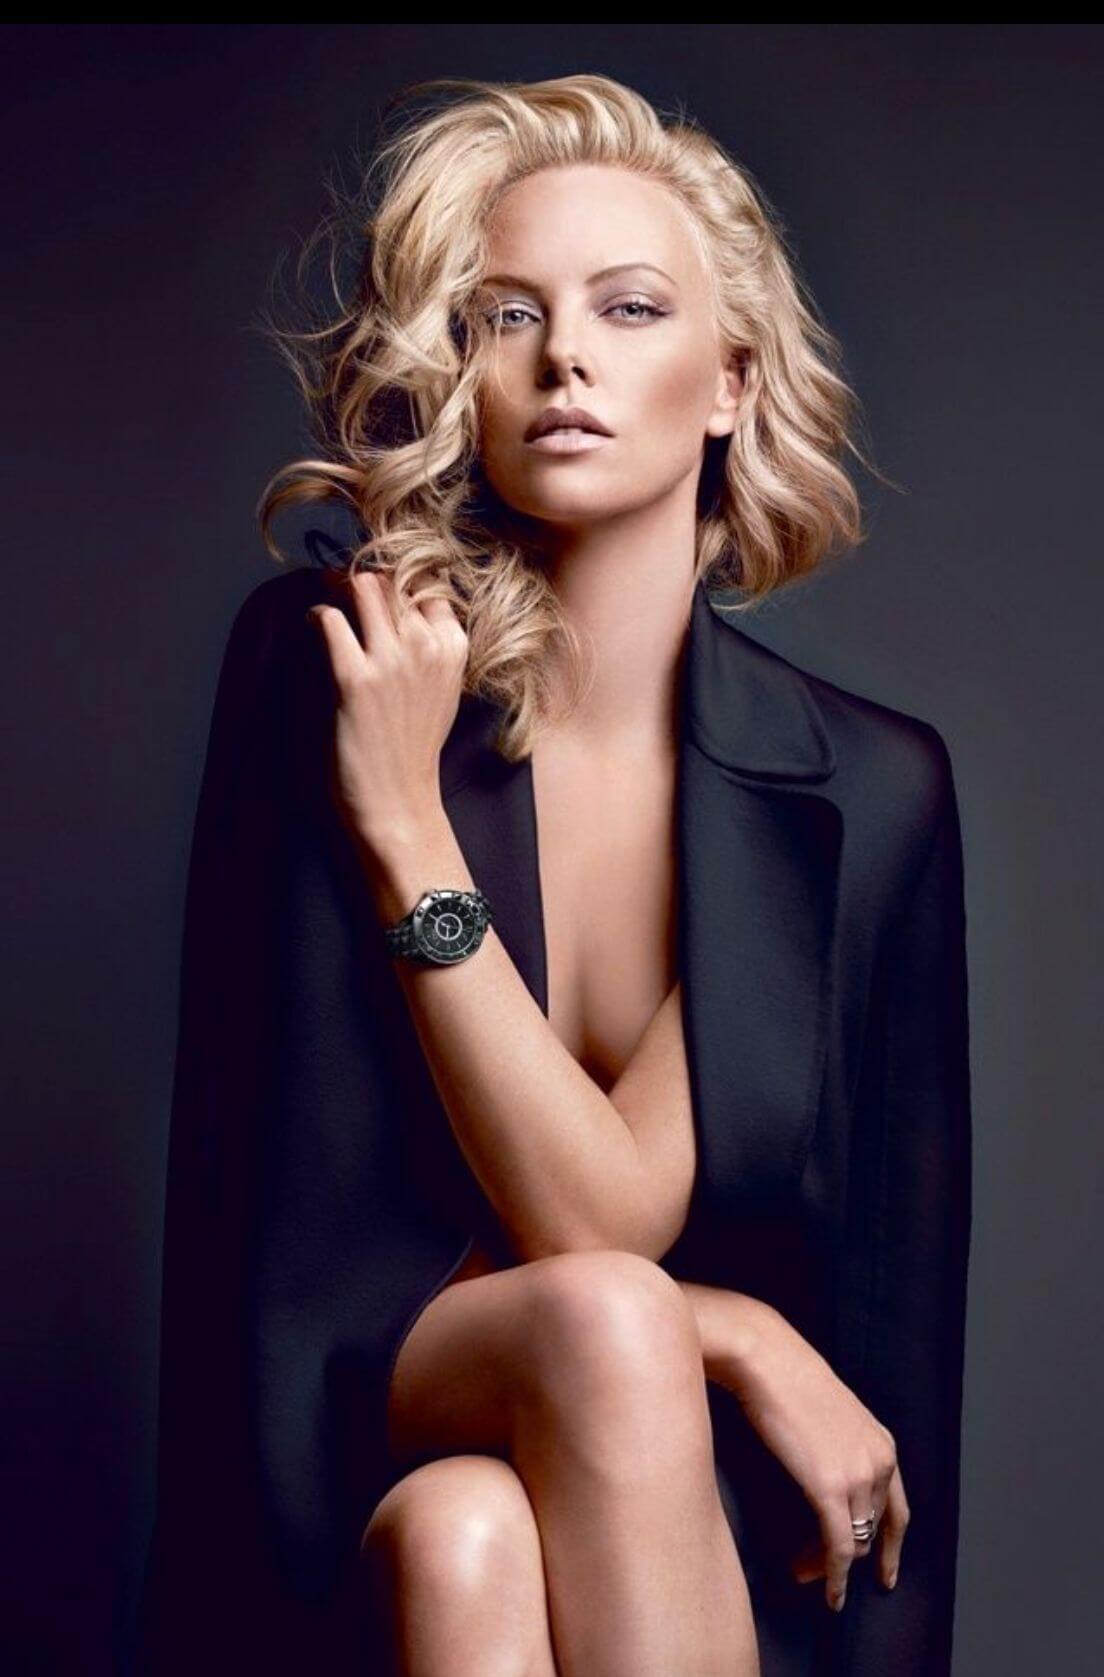 какие часы носит шарлиз терон